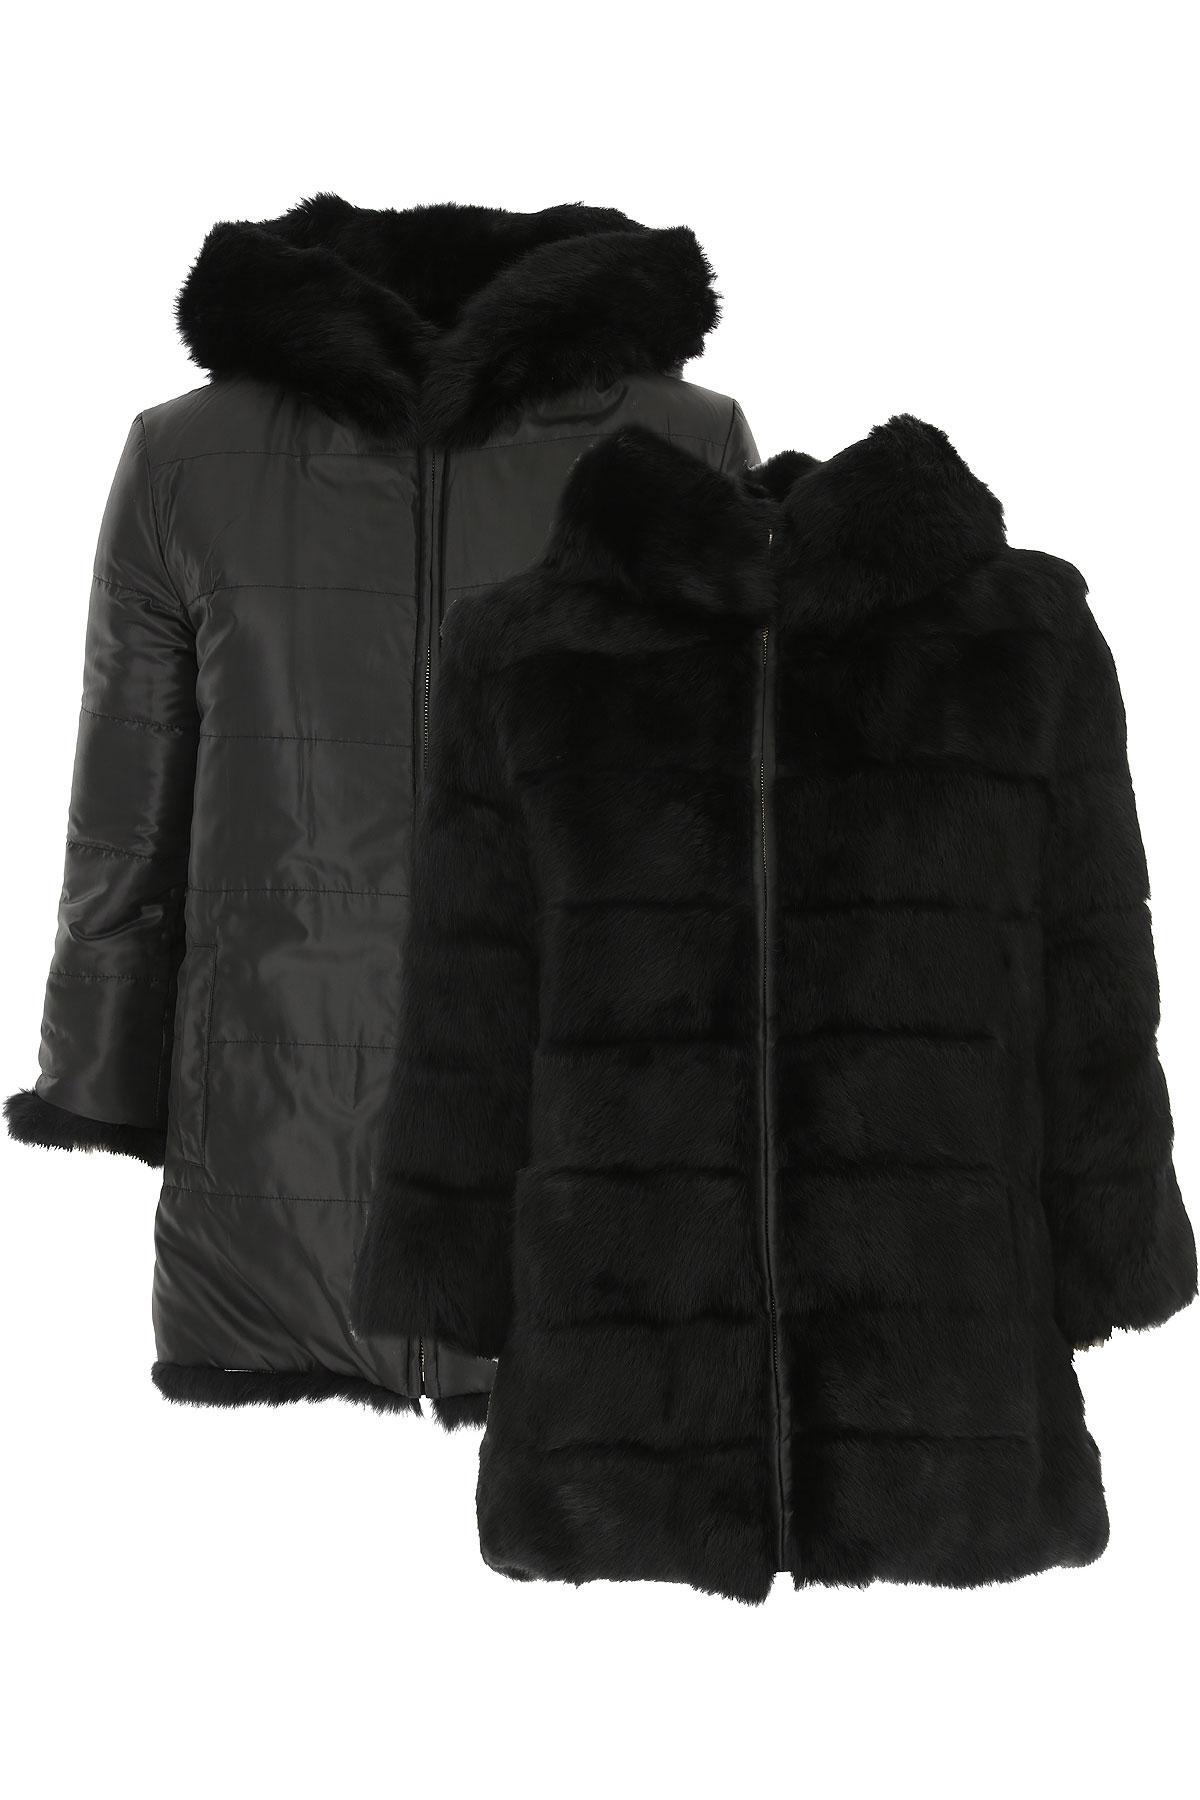 Image of Blugirl Jacket for Women, Black, Fur, 2017, 4 8